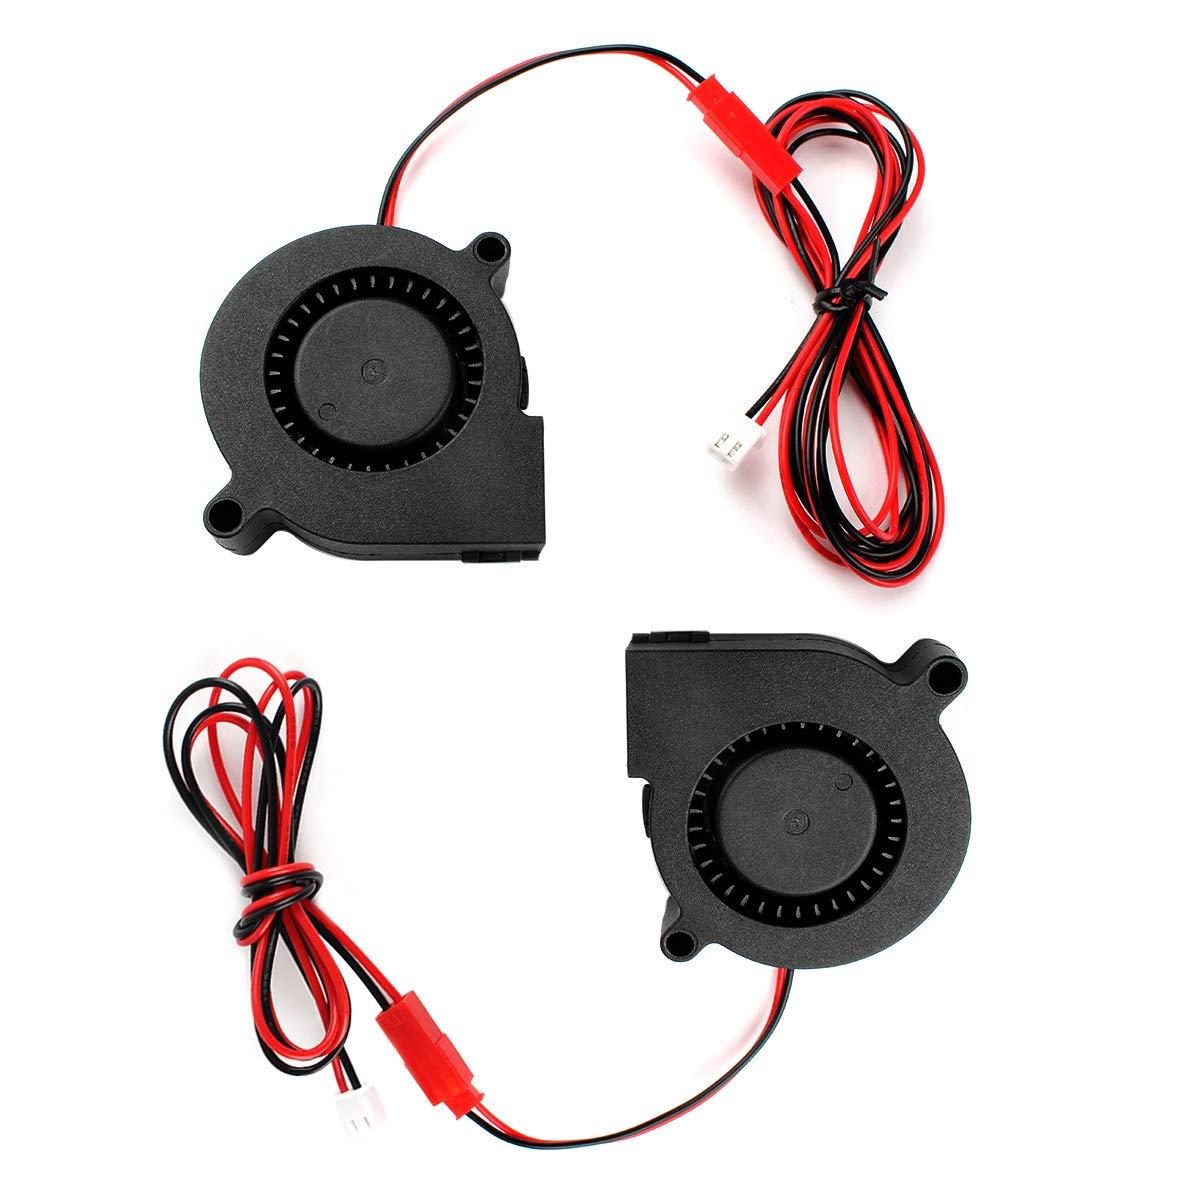 BCZAMD 3D-Druckerl/üfter K/ühlung 12V 50x50x15mm Blow Radial Hotend K/ühler Gleitlager mit 2 Verl/ängerungskabeln f/ür PMega Lulzbot Taz Anet A8 Extruder Zubeh/ör 2St